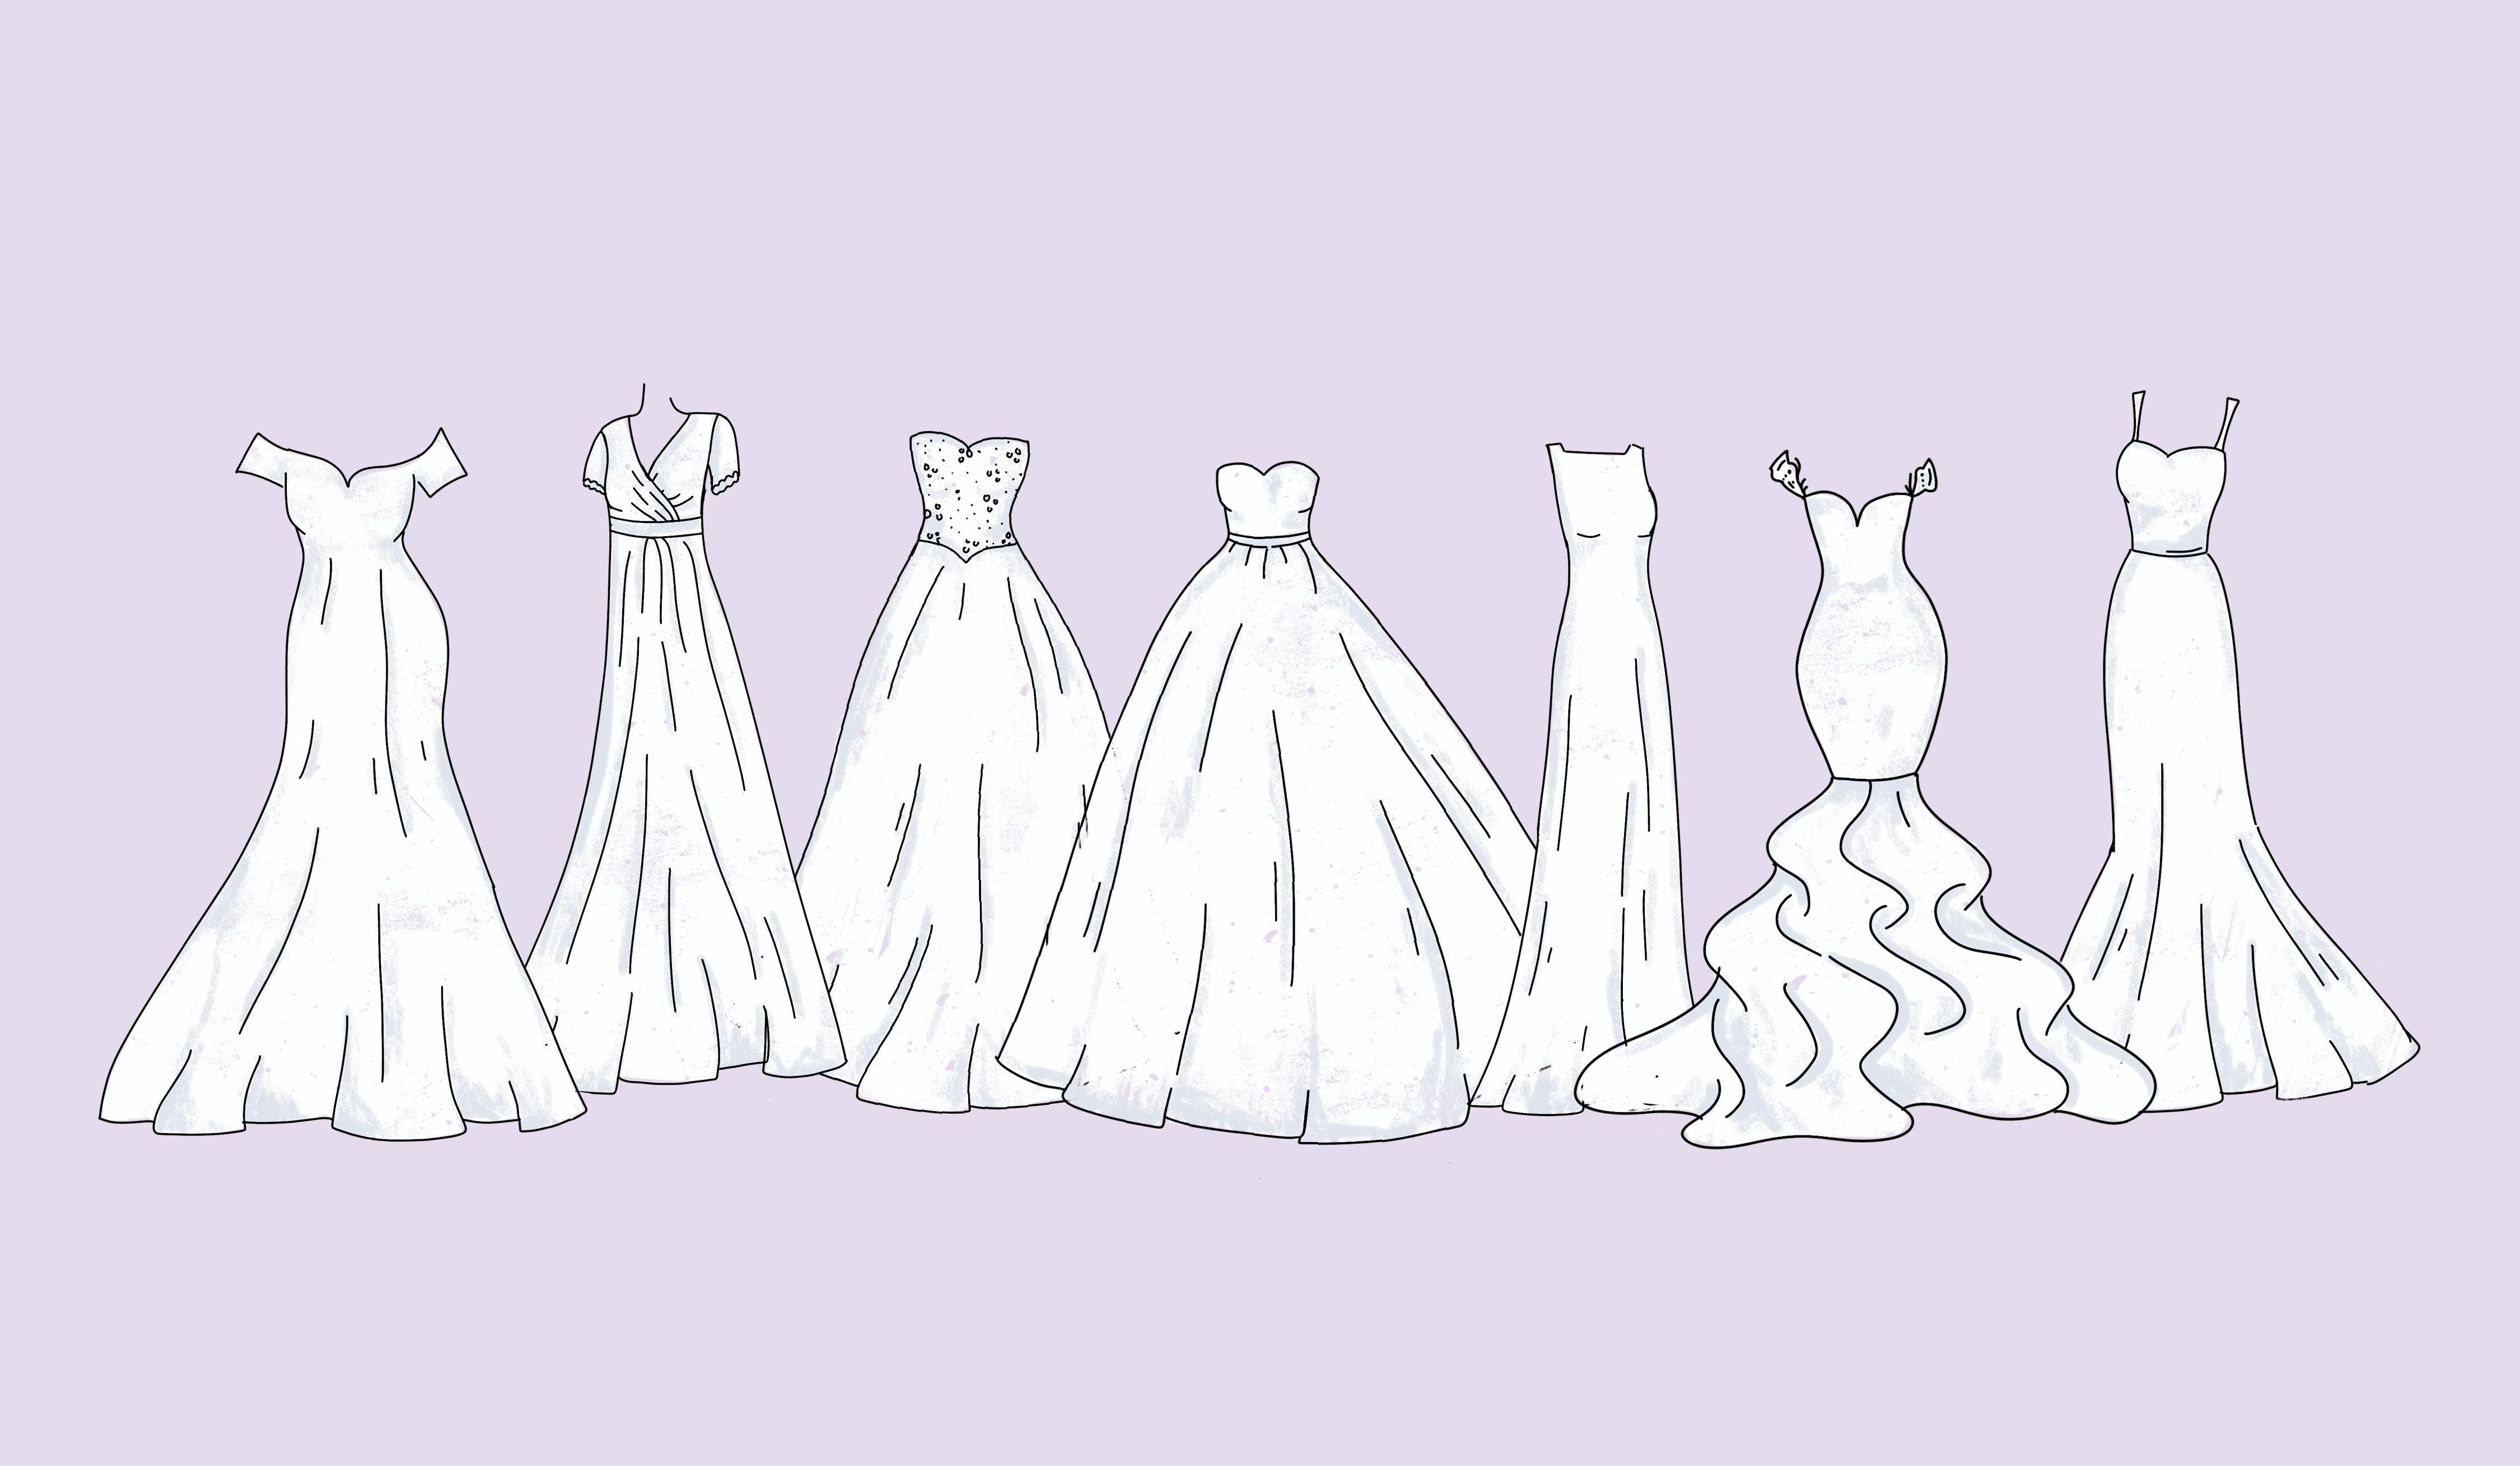 Dress Styles Defined